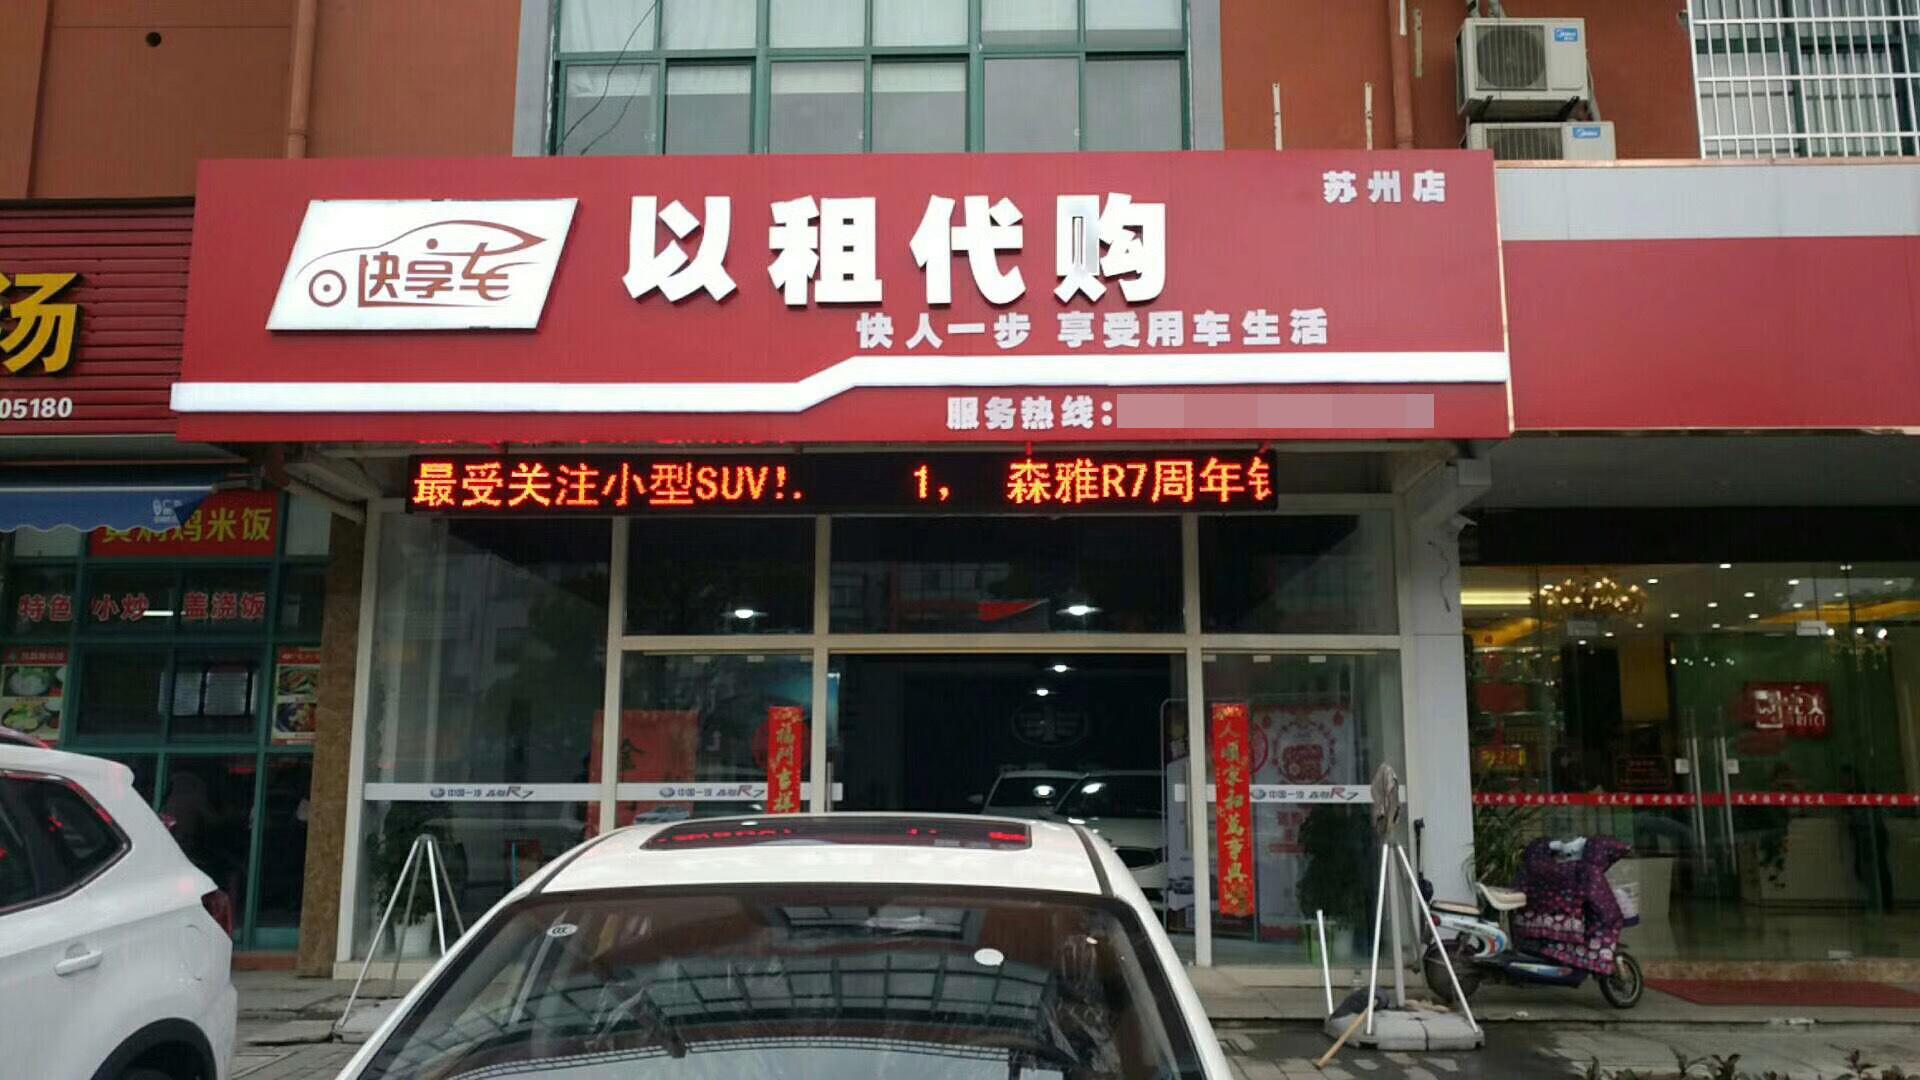 快享车以租代购苏州直营店开业了、、、、、、_1